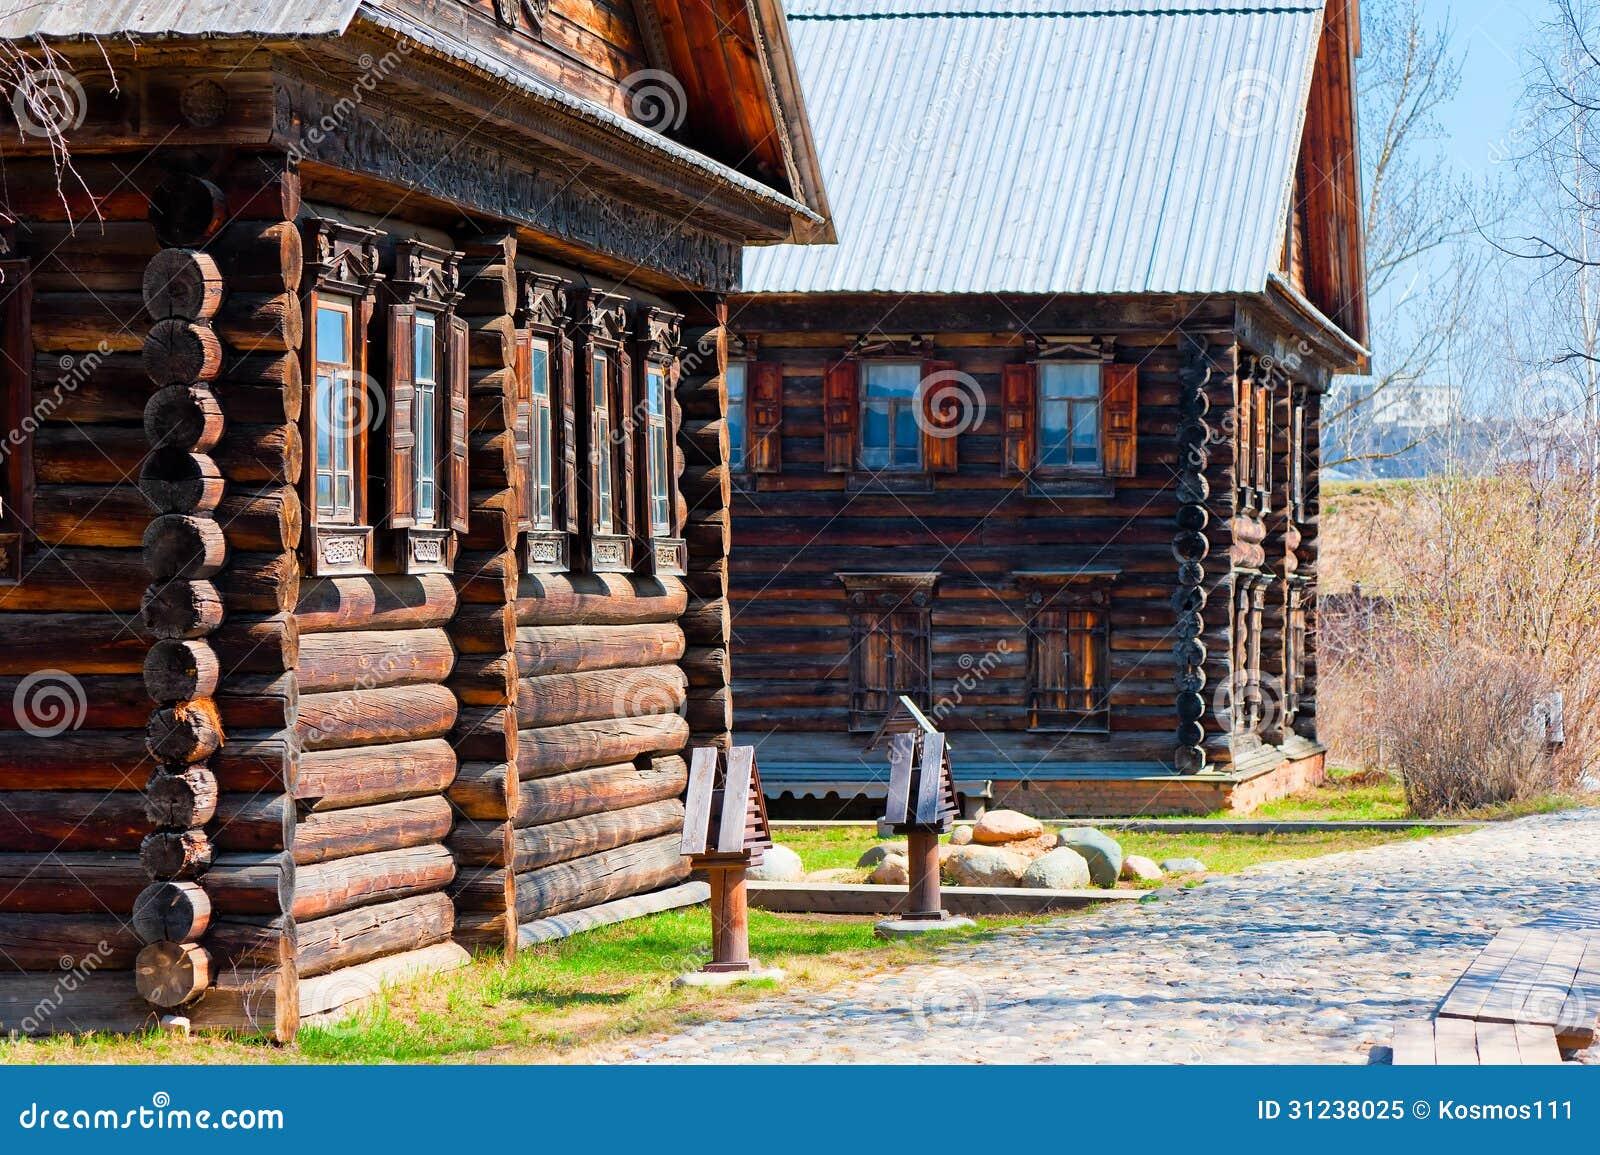 Pueblo ruso de las fachadas de casas de madera foto de - Fachadas casas de pueblo ...